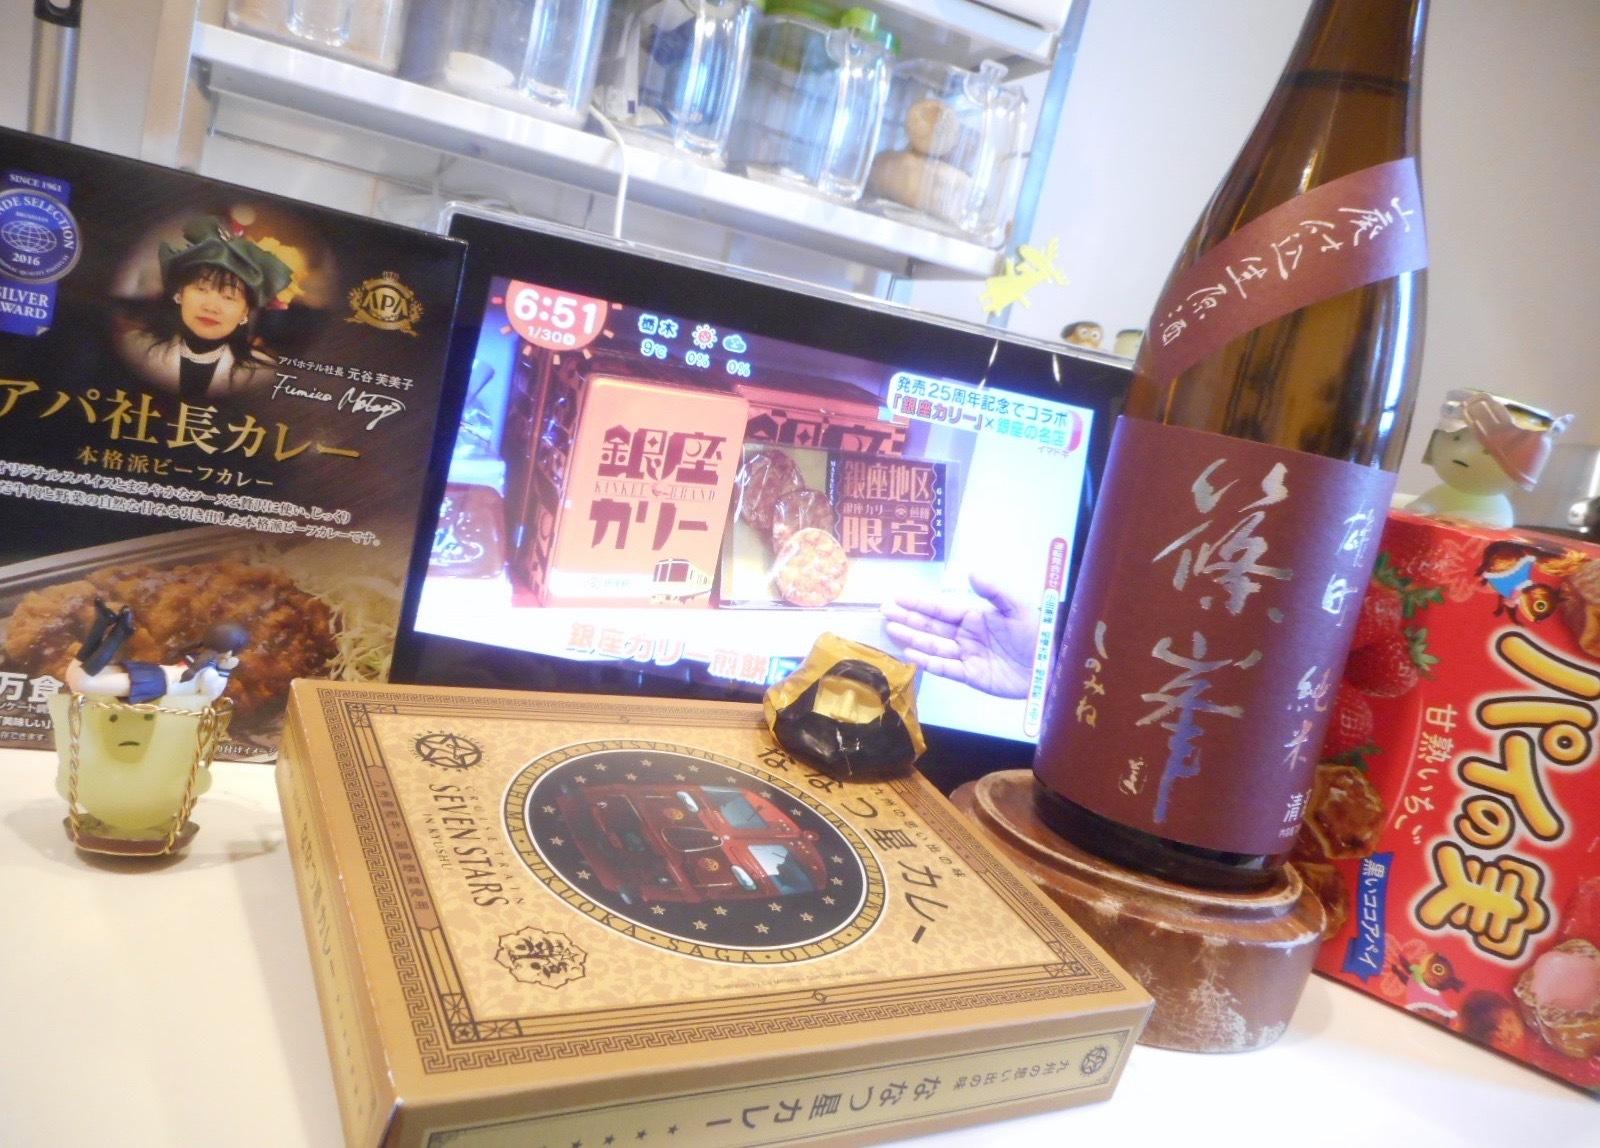 shinomine_yamahai_omachi29by1.jpg